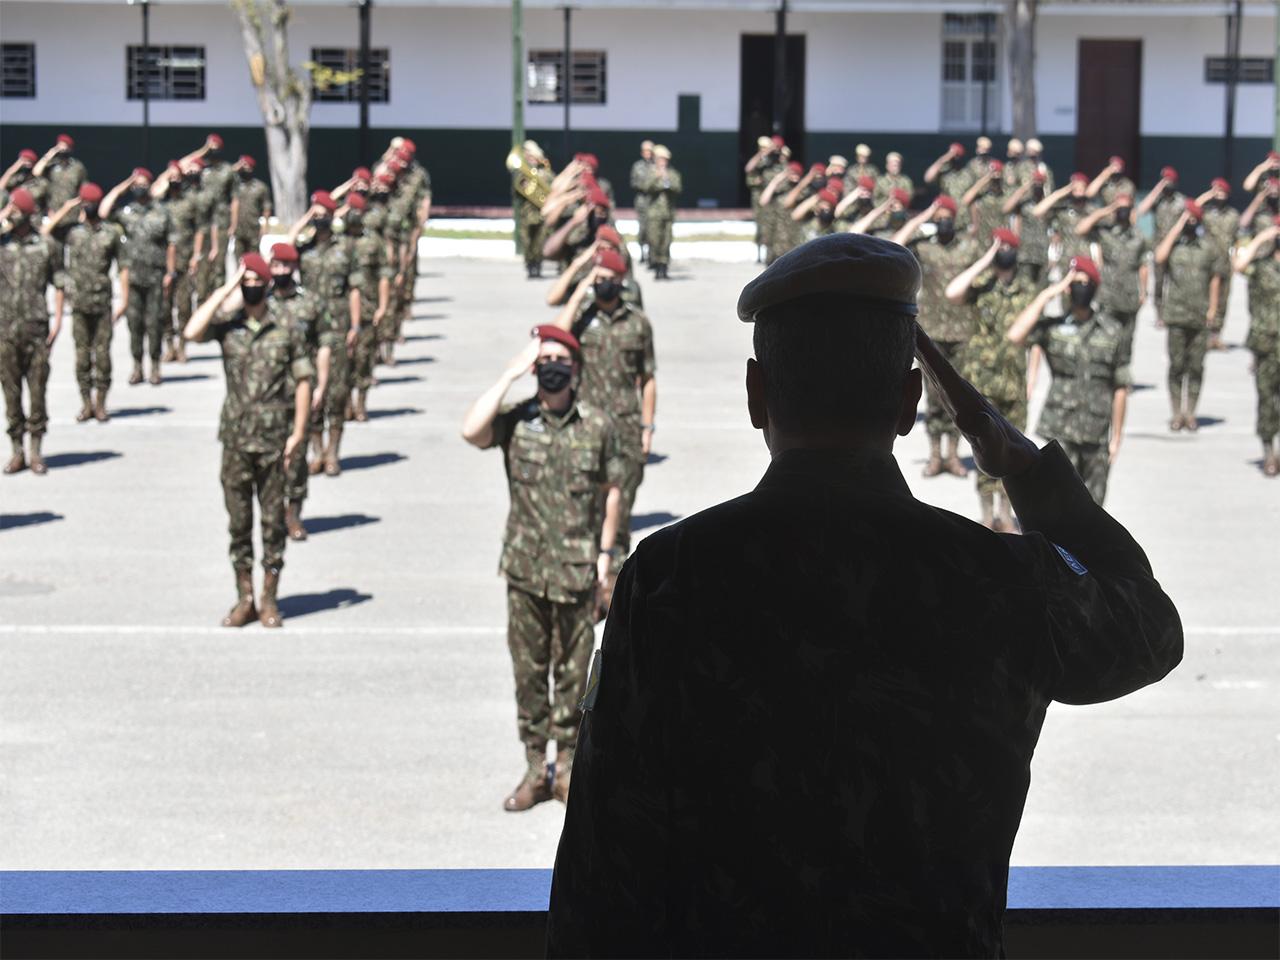 12ª Brigada de Infantaria Leve (Aeromóvel) capacita militares para exercício combinado com o Exército dos Estados Unidos